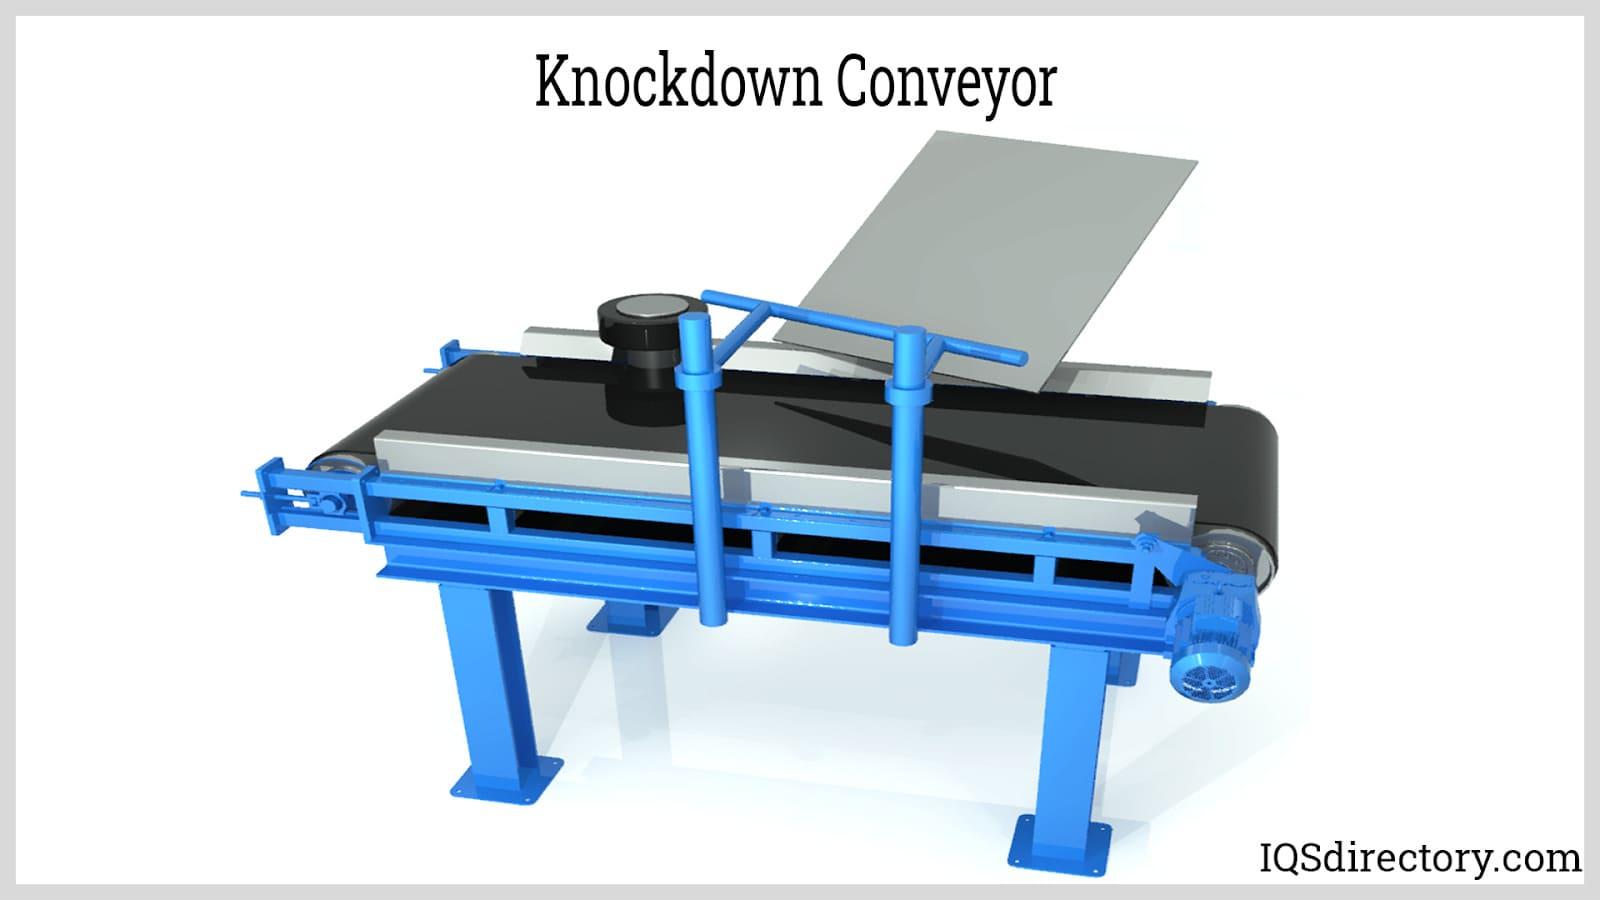 Knockdown Conveyor